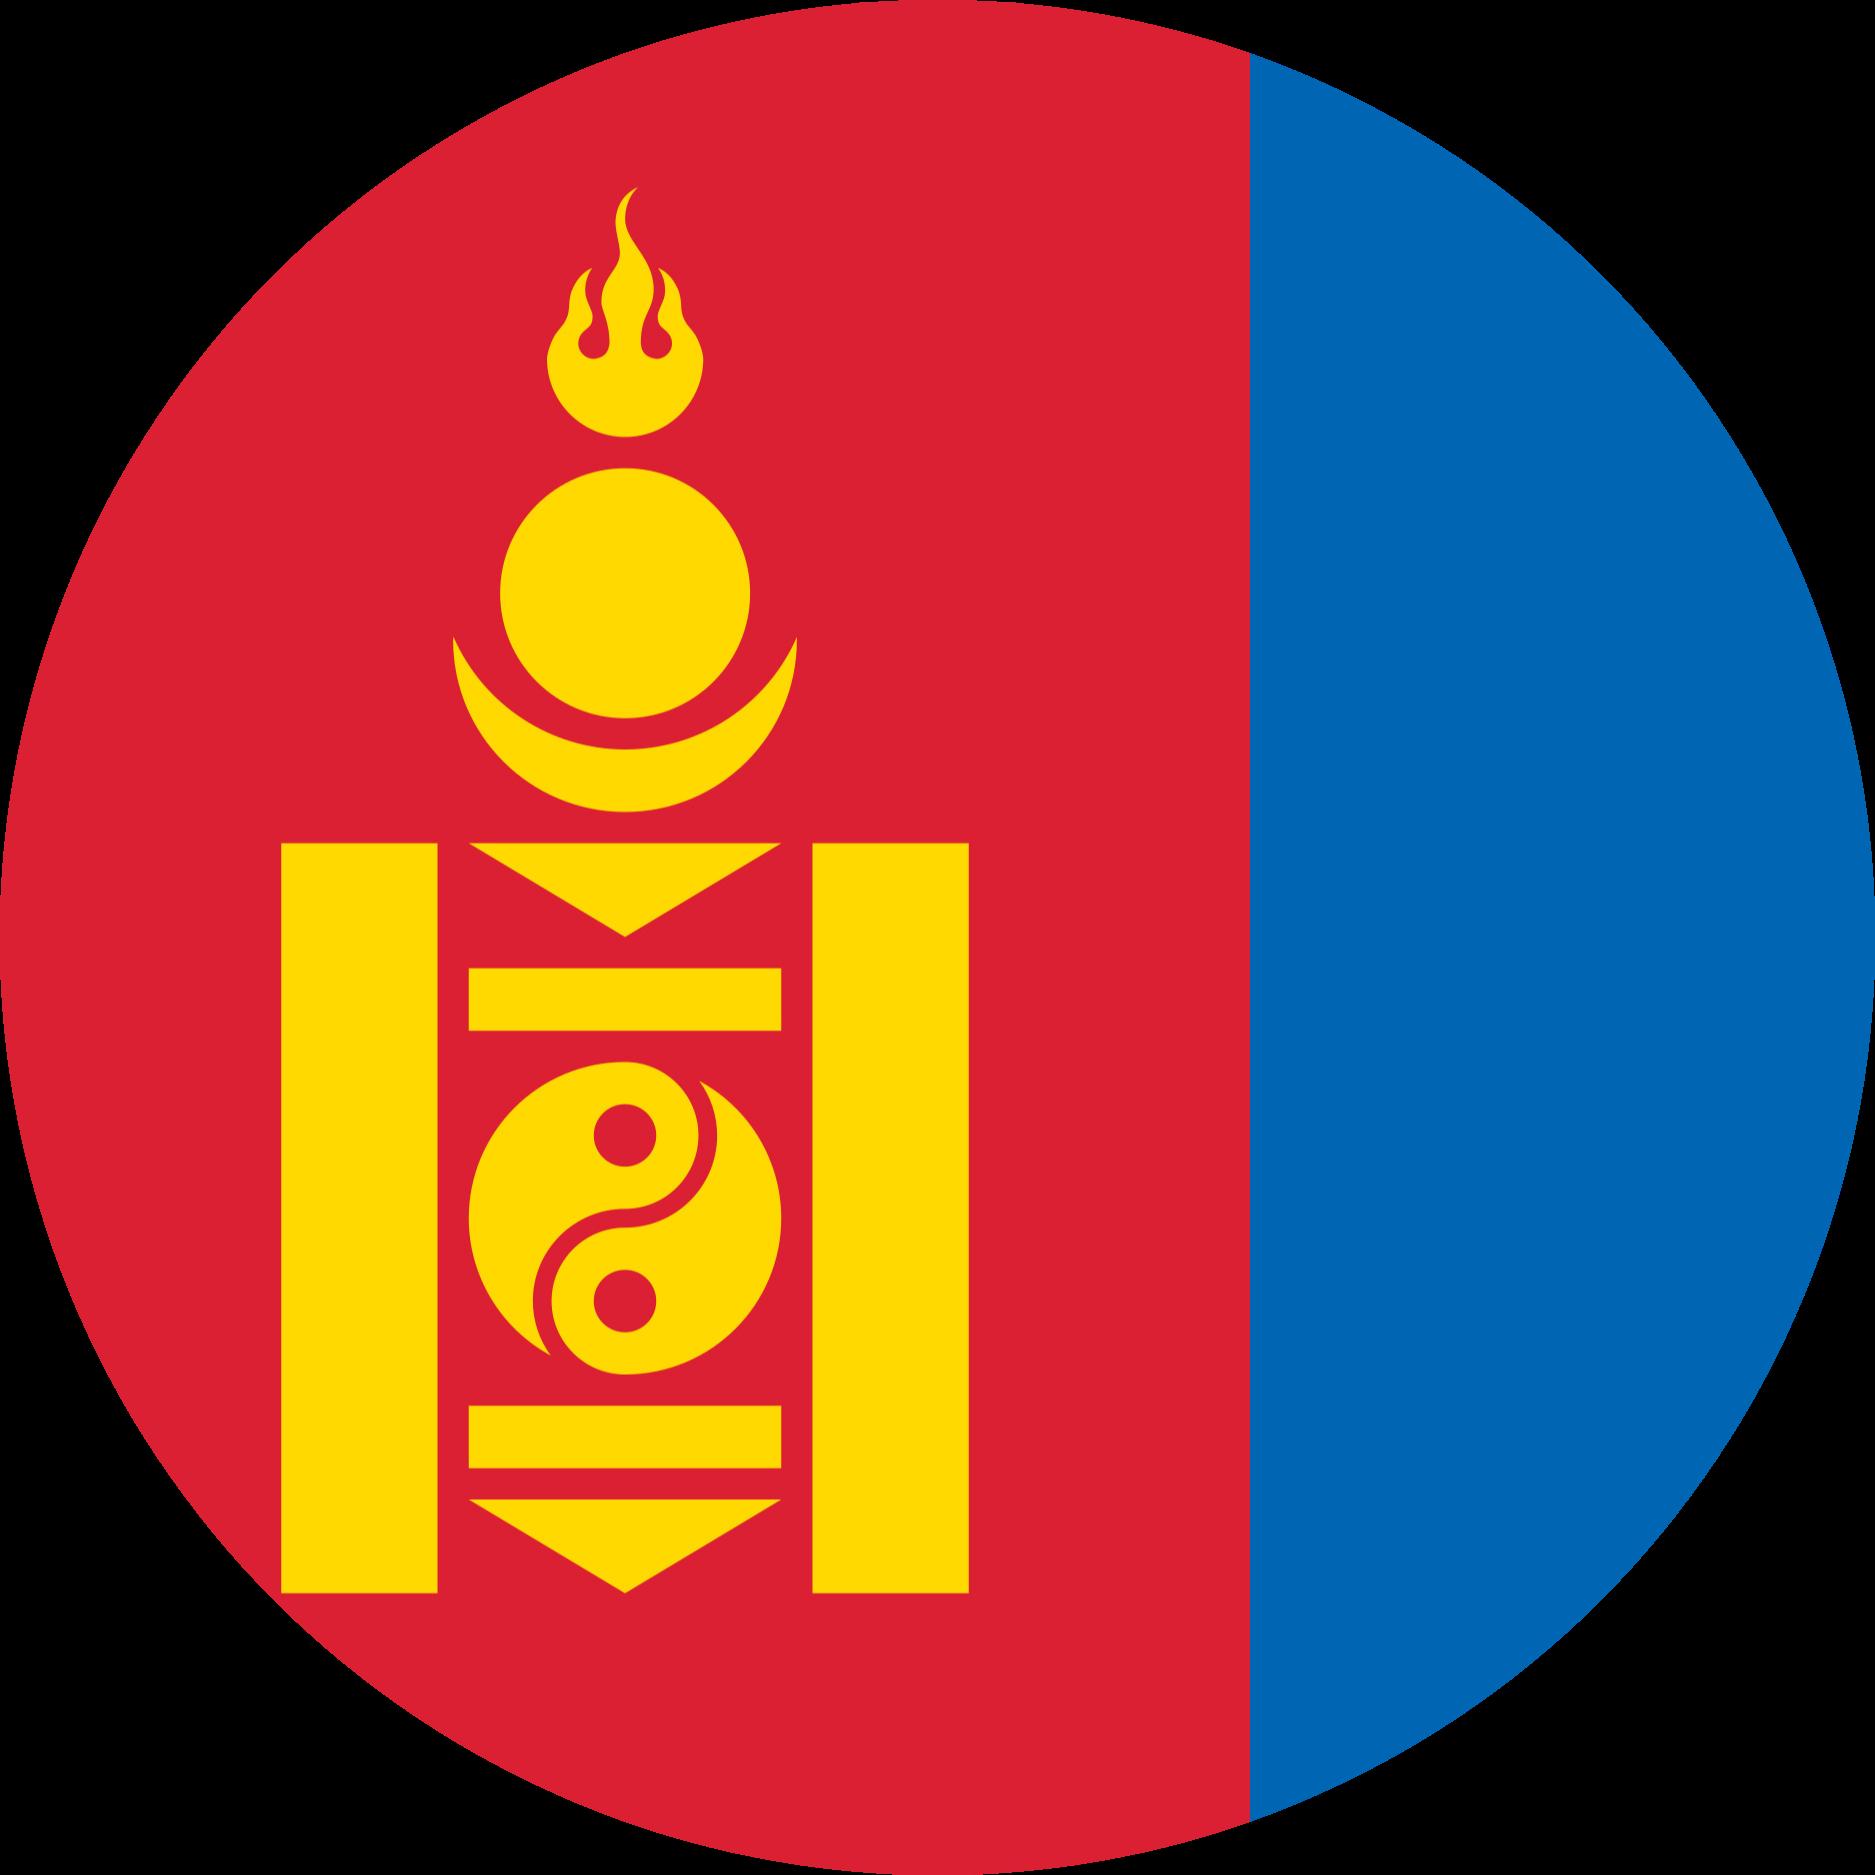 Mongolia Flag Emoji